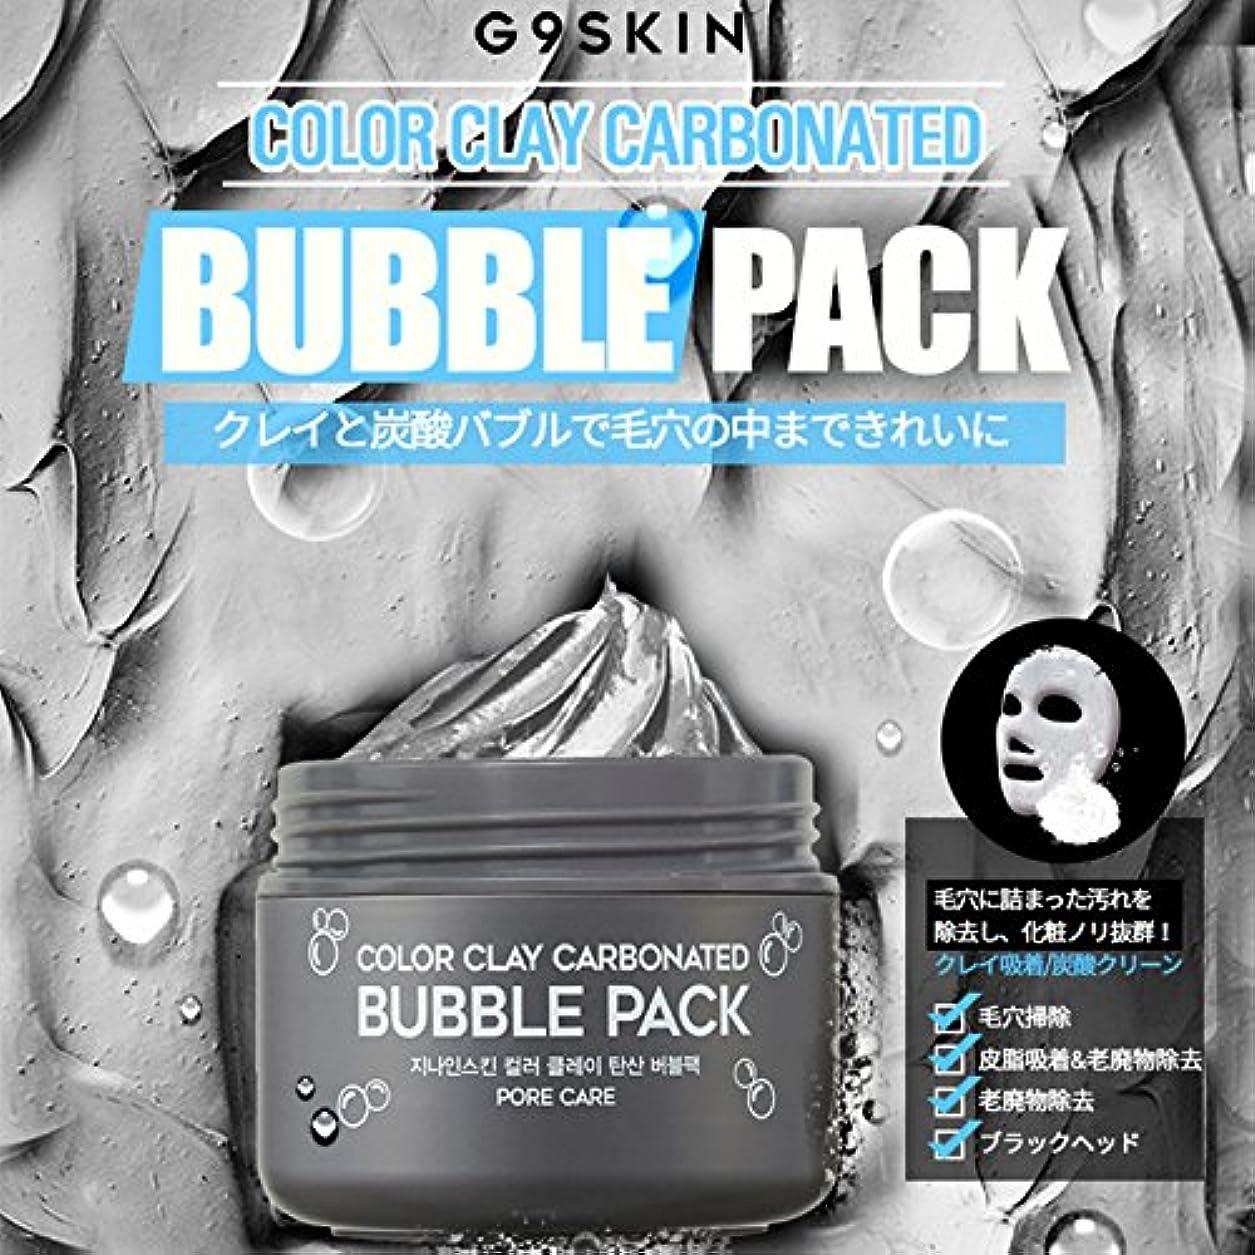 彼月曜日機関[G9SKIN/G9スキン] Color Clay Carbonated Bubble Pack / カラークレイ炭酸バブルパック | 100ml 炭酸 バブル 韓国コスメ Skingarden/スキンガーデン